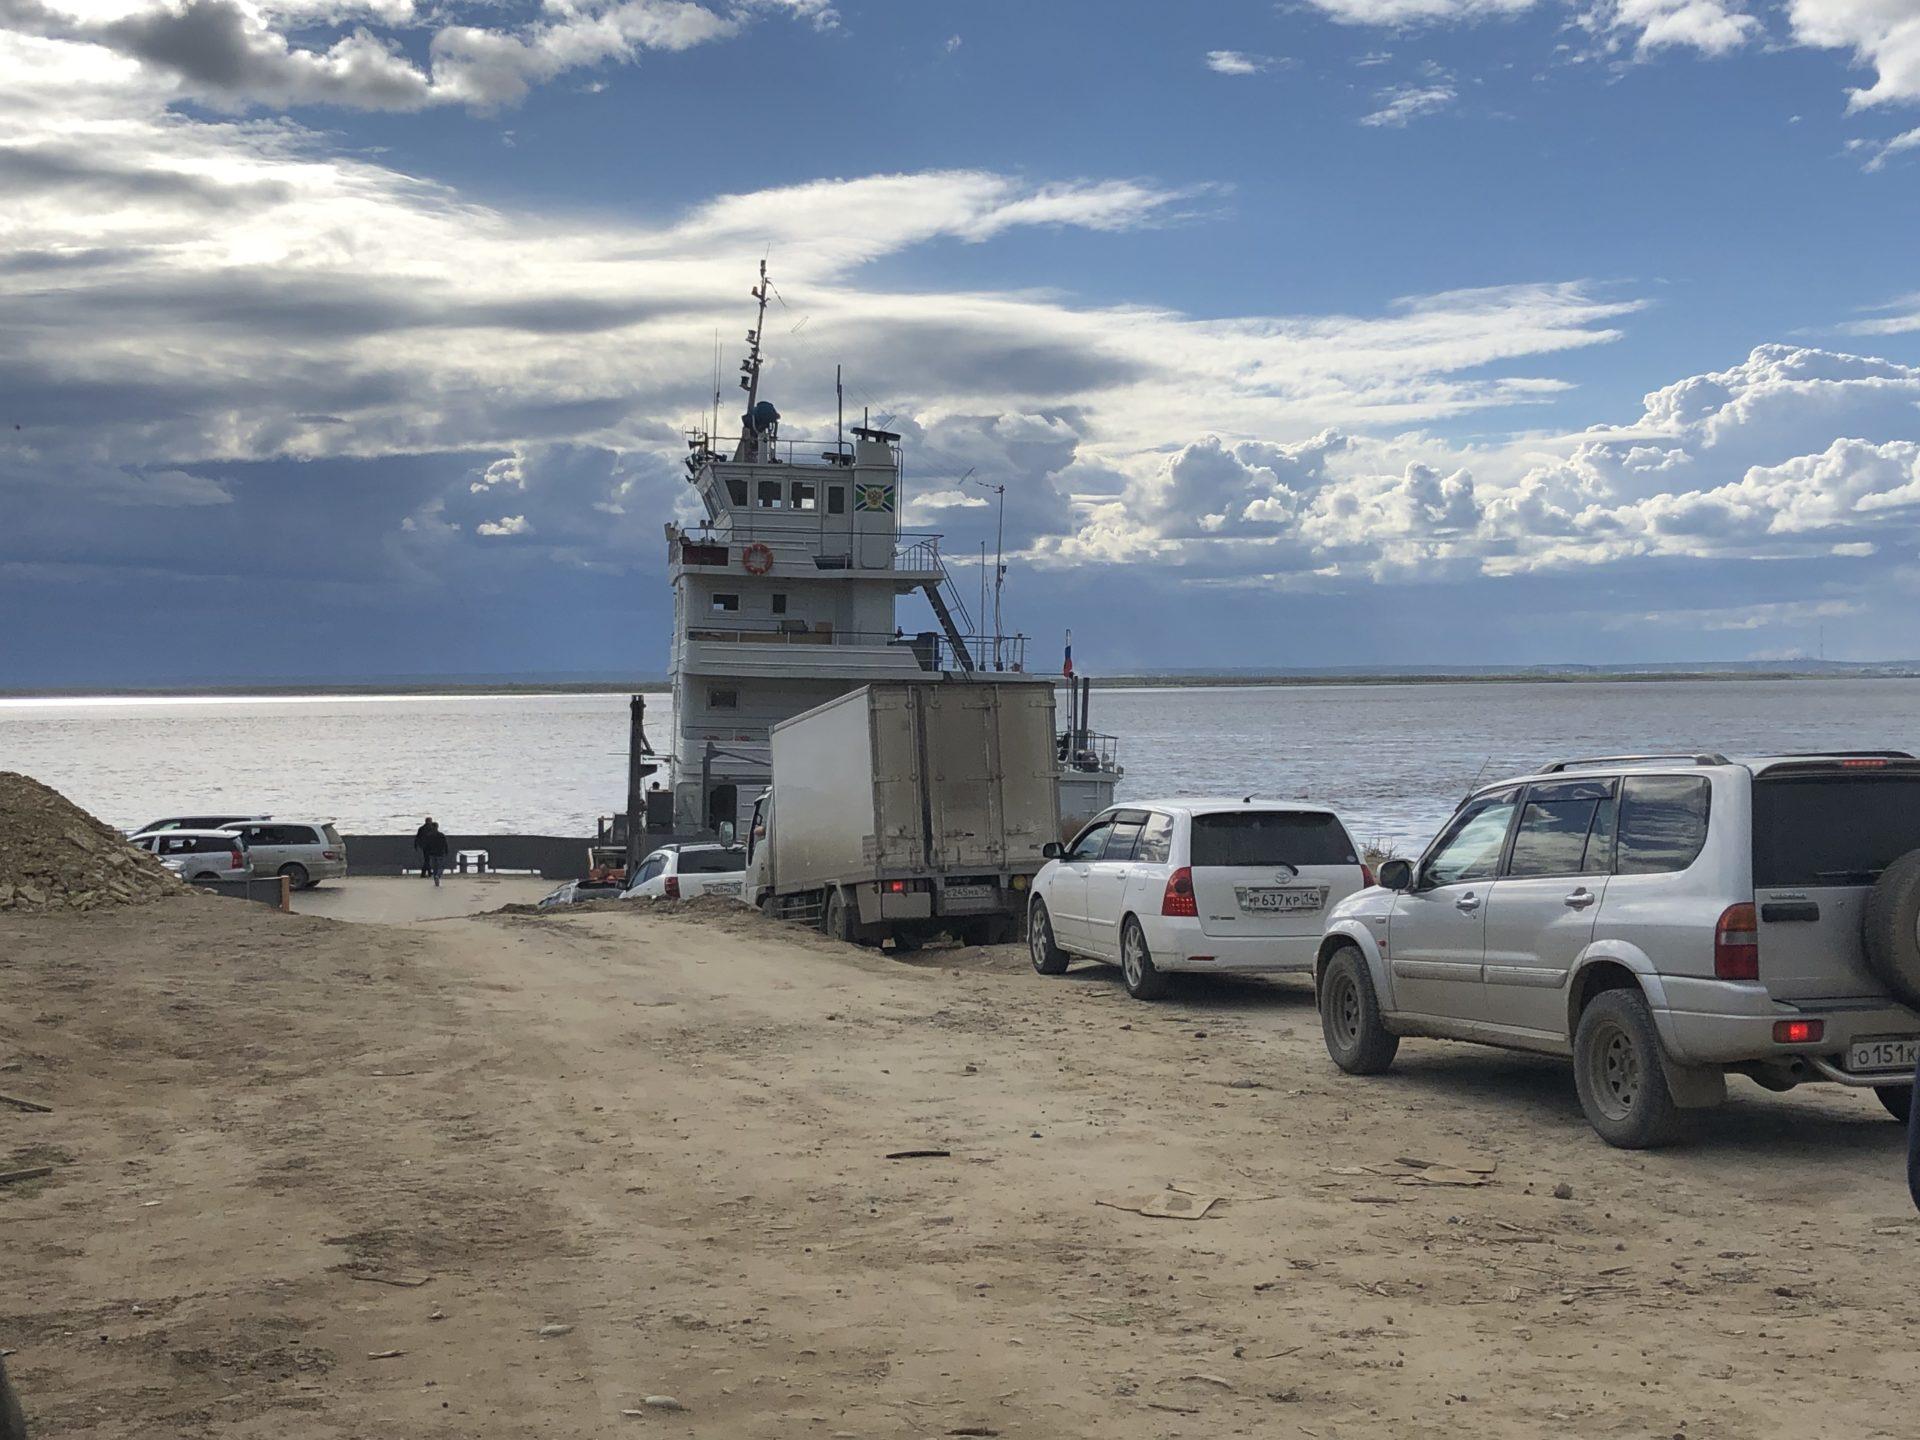 В Министерстве транспорта и дорожного хозяйства Якутии будет работать комиссия по координации работы паромной переправы «Якутск – Нижний Бестях»